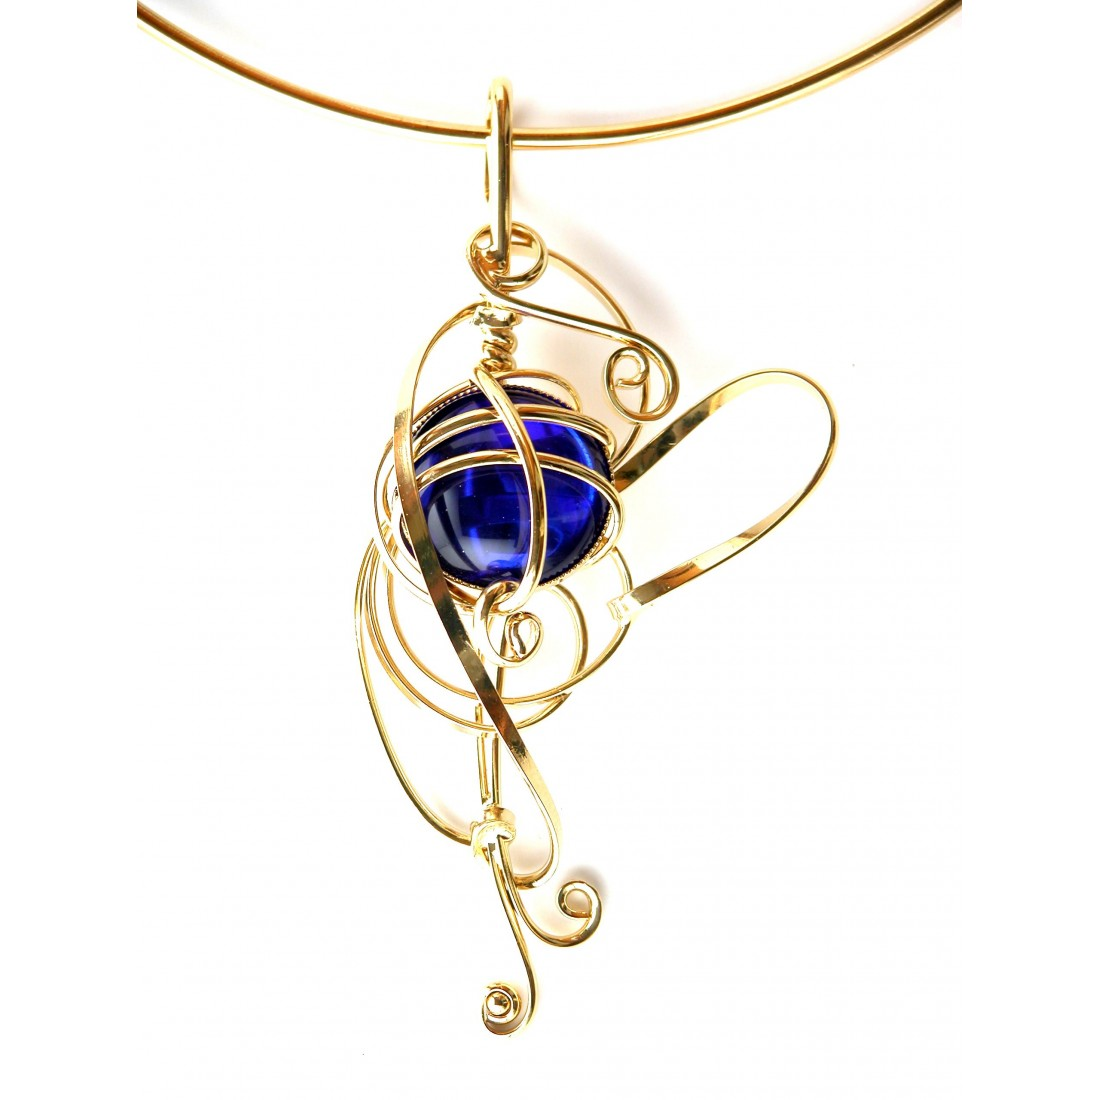 Collier bleu saphir et or plaqué-bijou de créateur